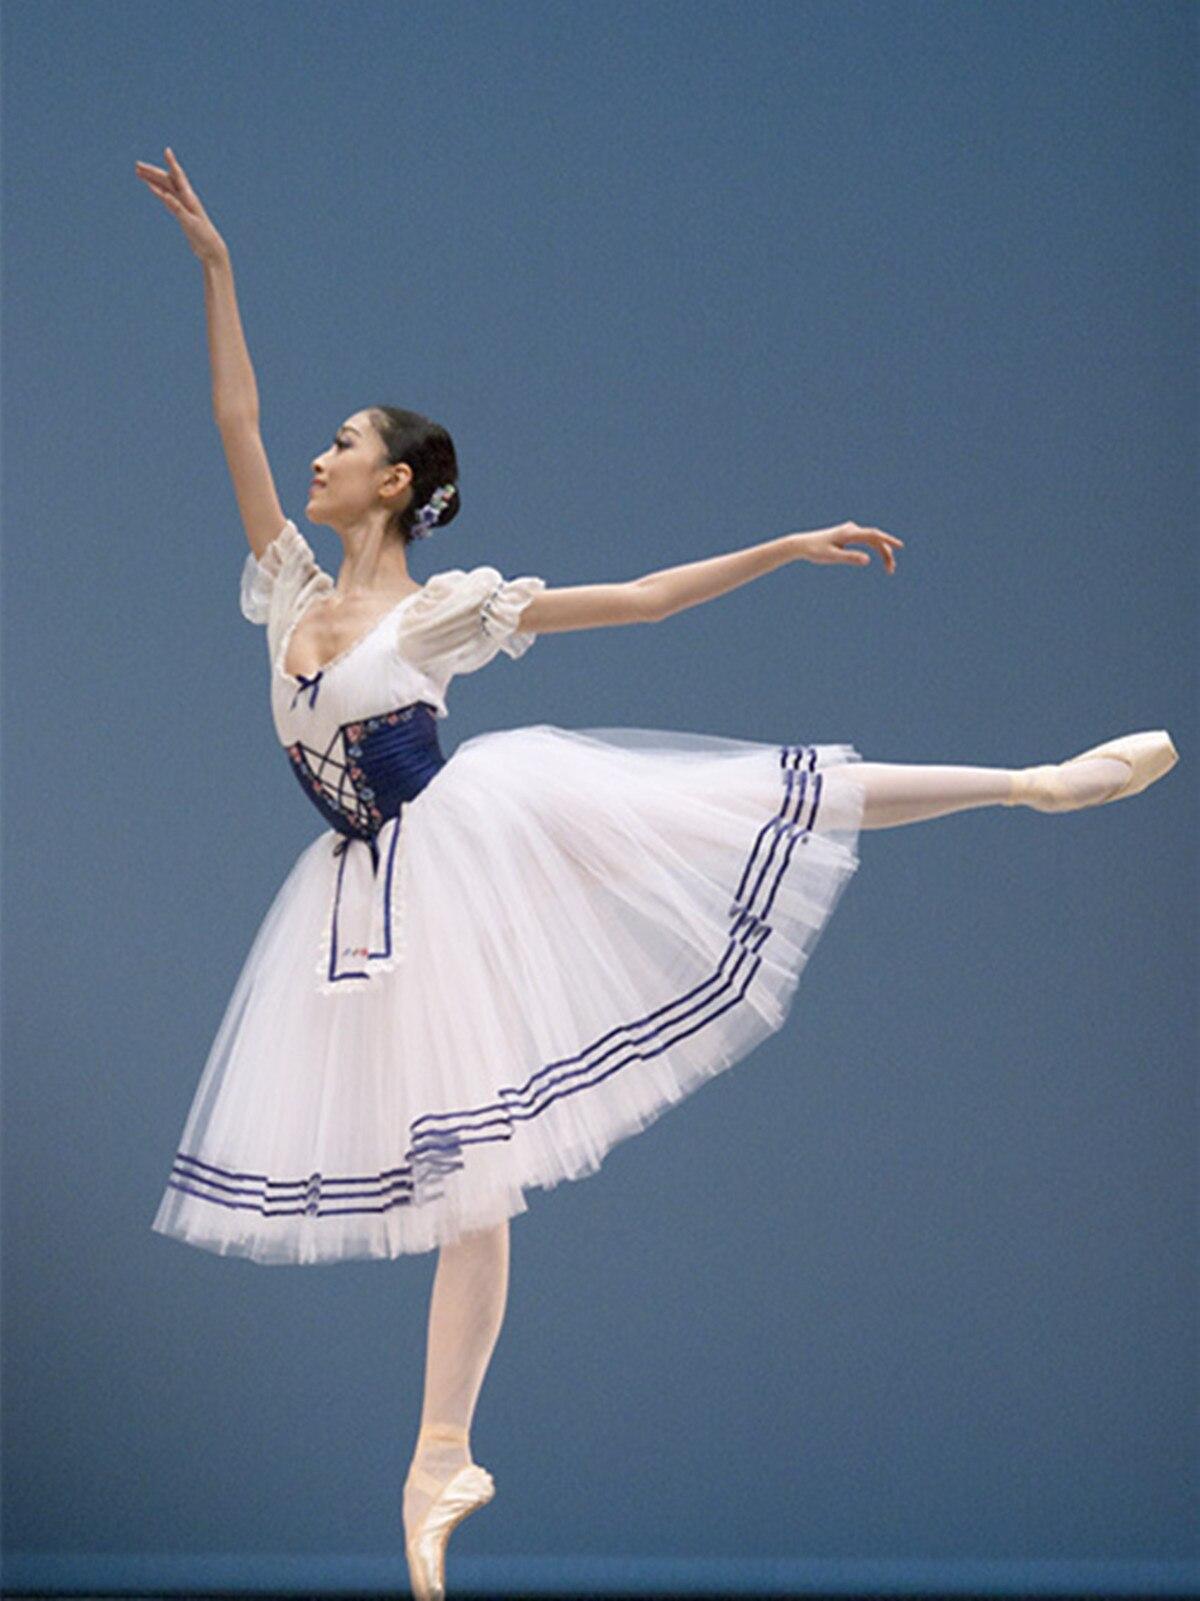 2019 élégant lyrique moderne danse costumes femmes robe de ballet adulte contemporain danse robes pratique vêtements effectuer